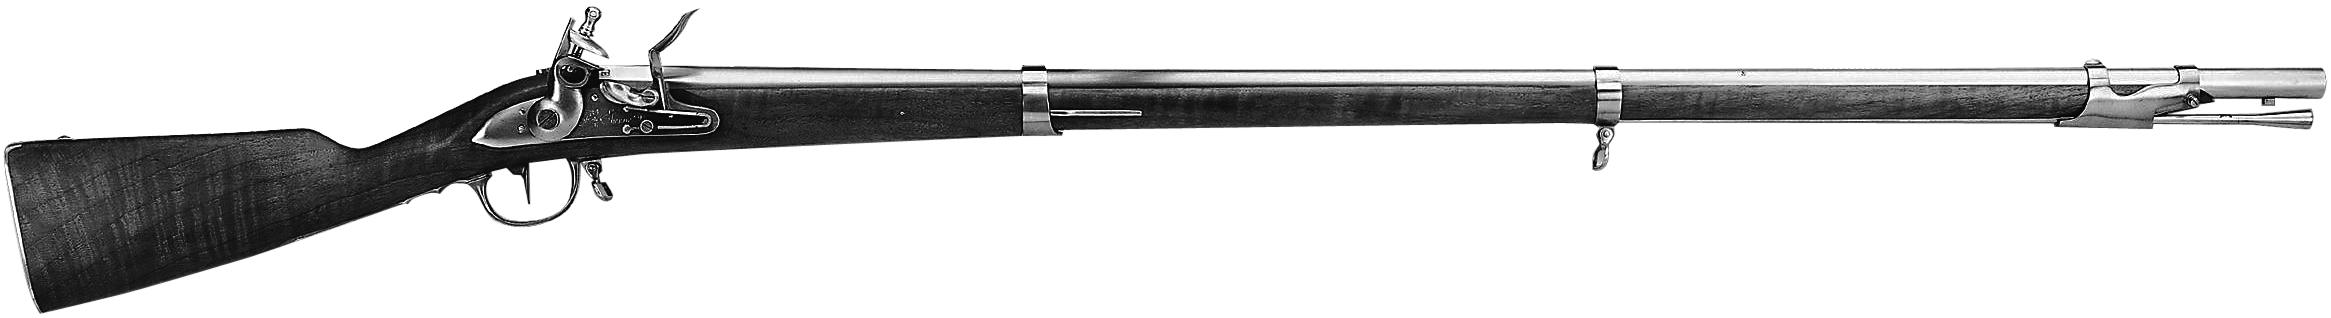 Revolutionnaire 1777 Musket